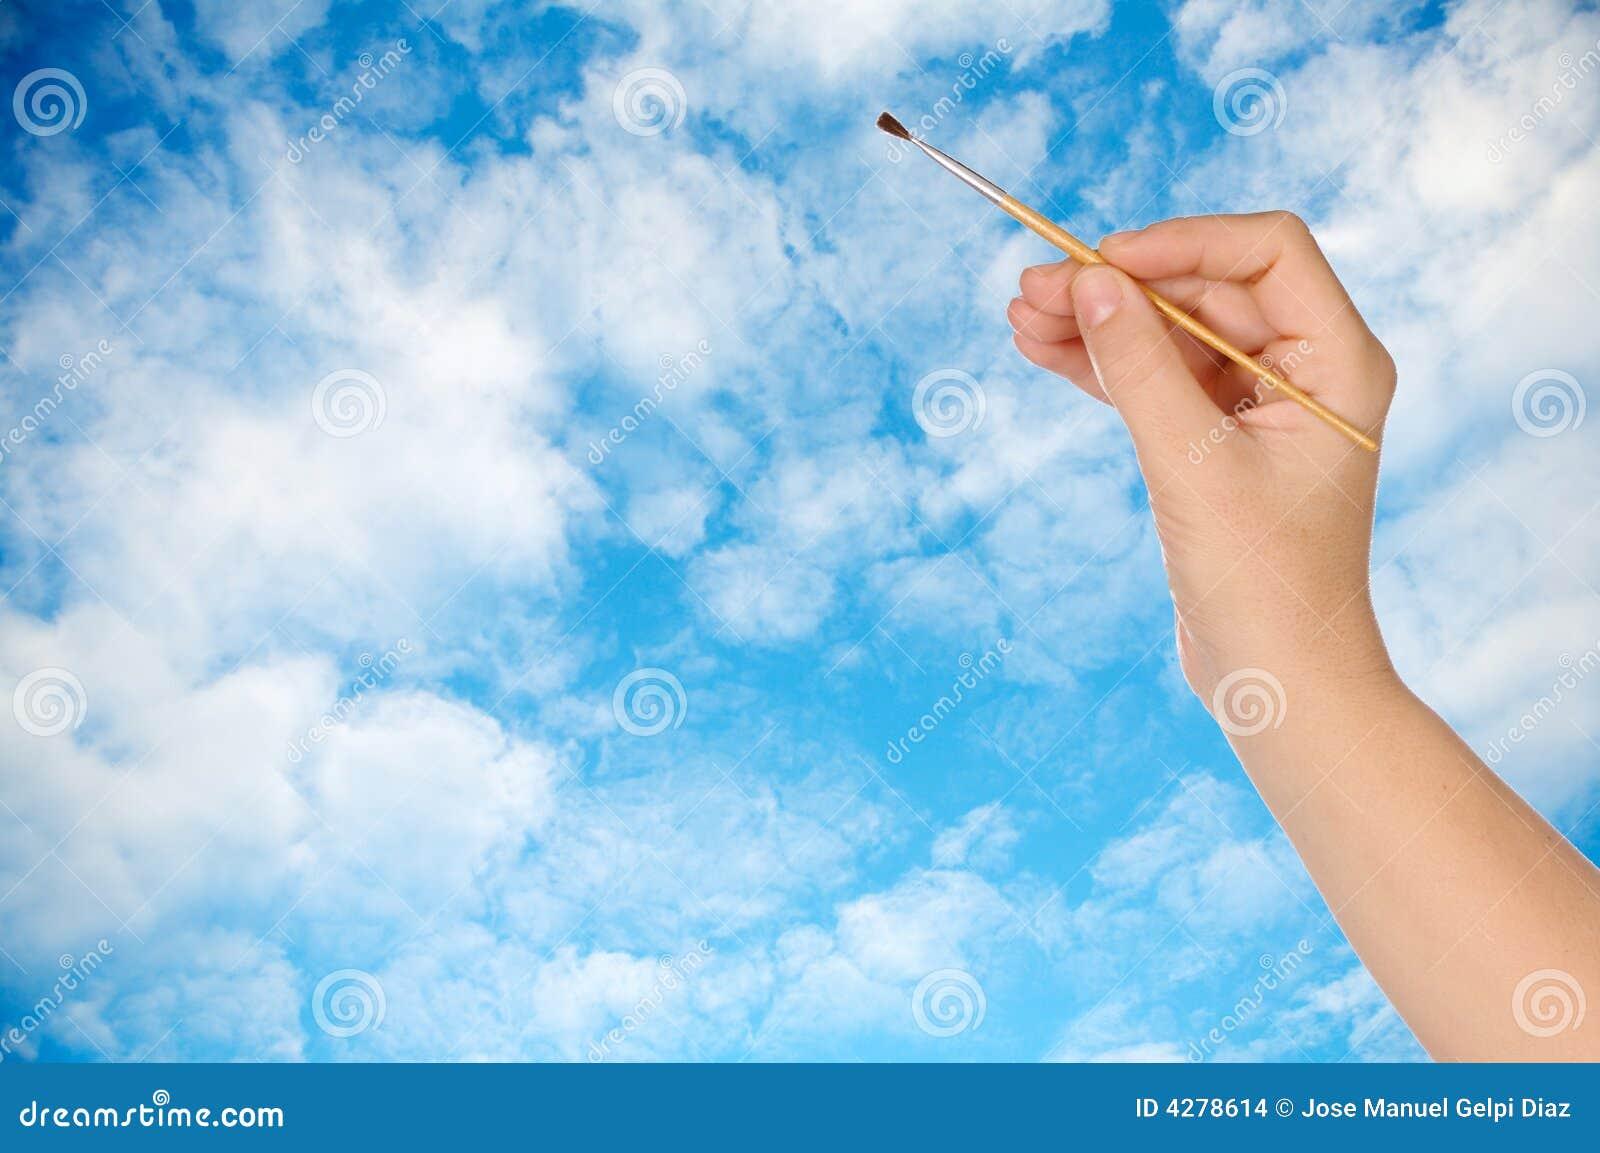 Desenhando um céu